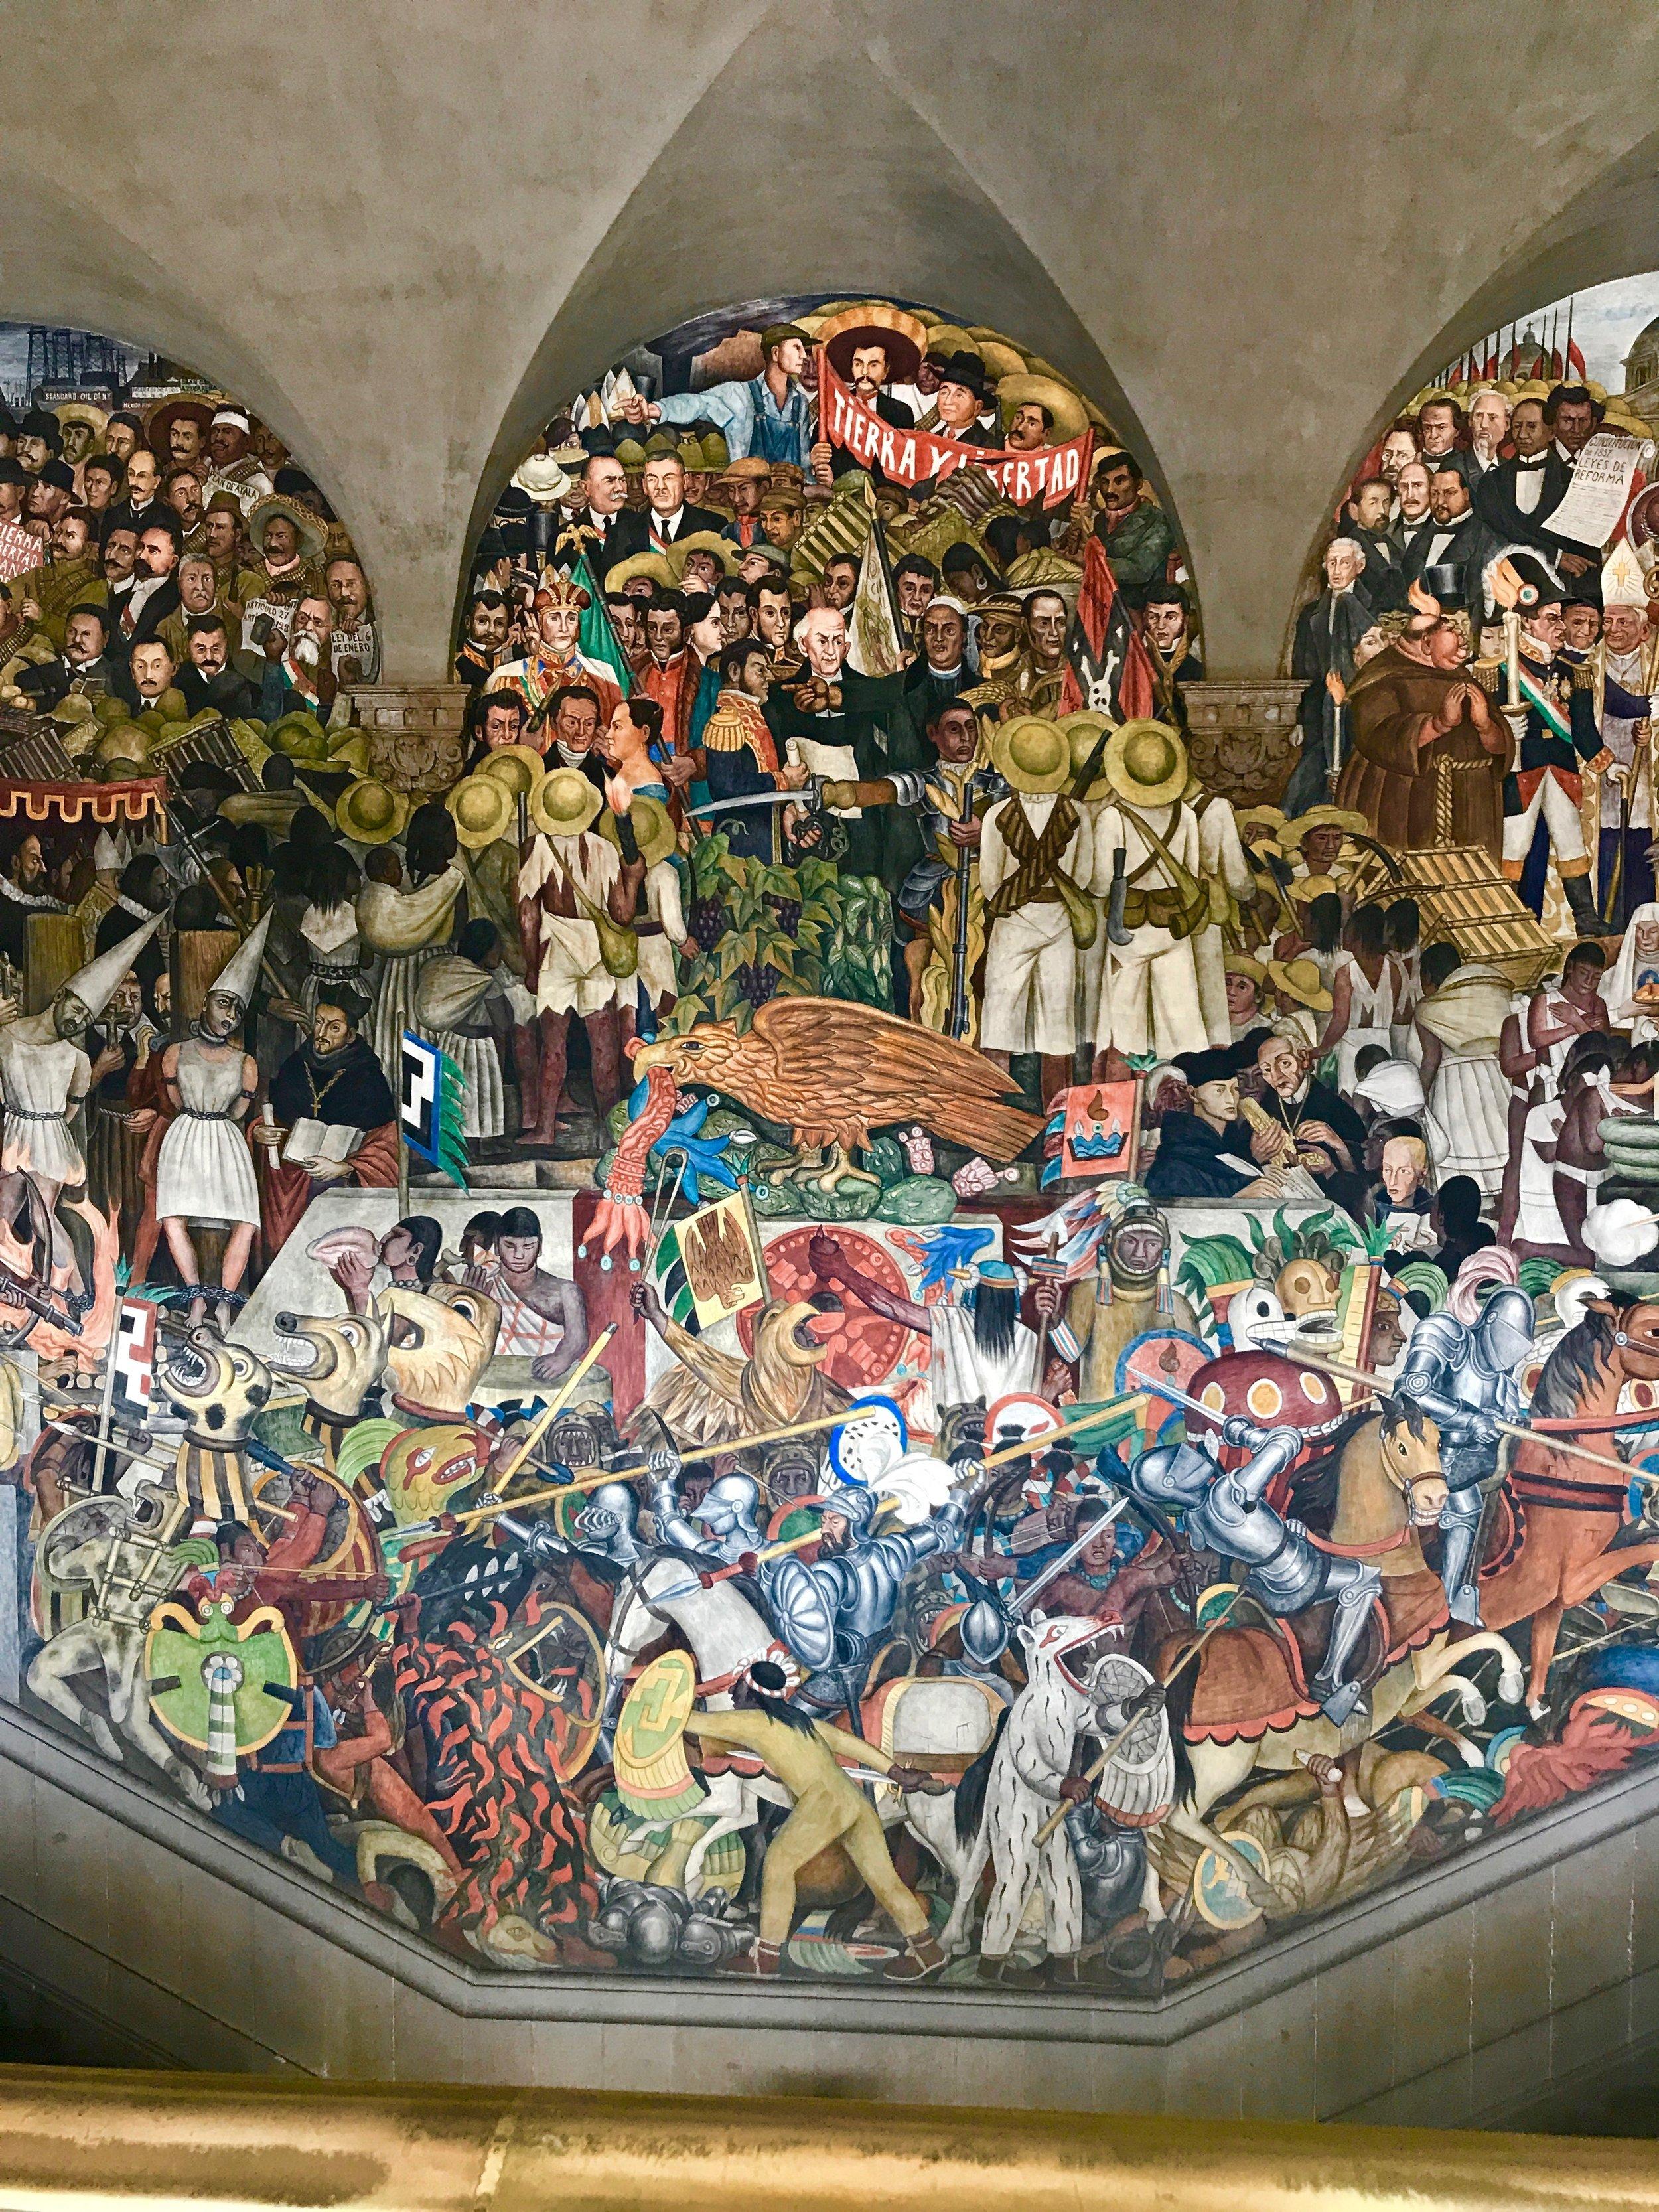 Diego Rivera mural at the Palacio Nacional